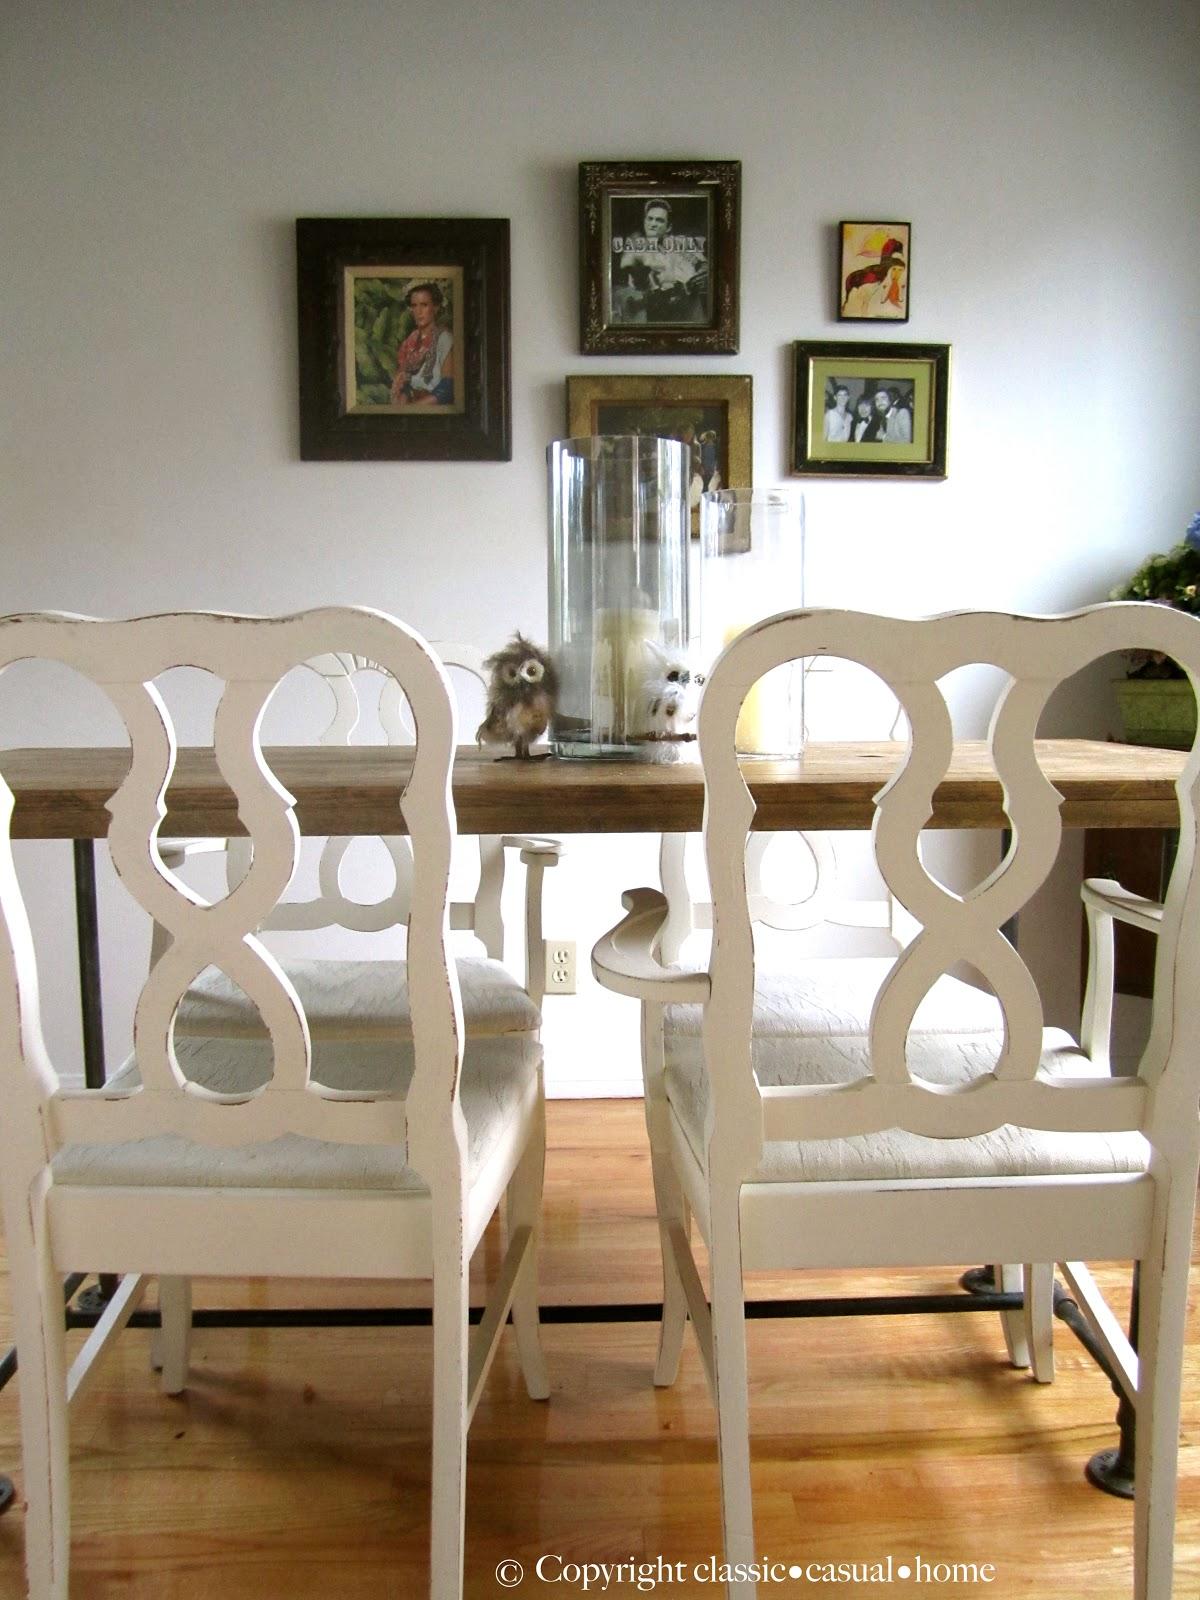 Flea Market Home Decor: Classic • Casual • Home: Flea Market Chic